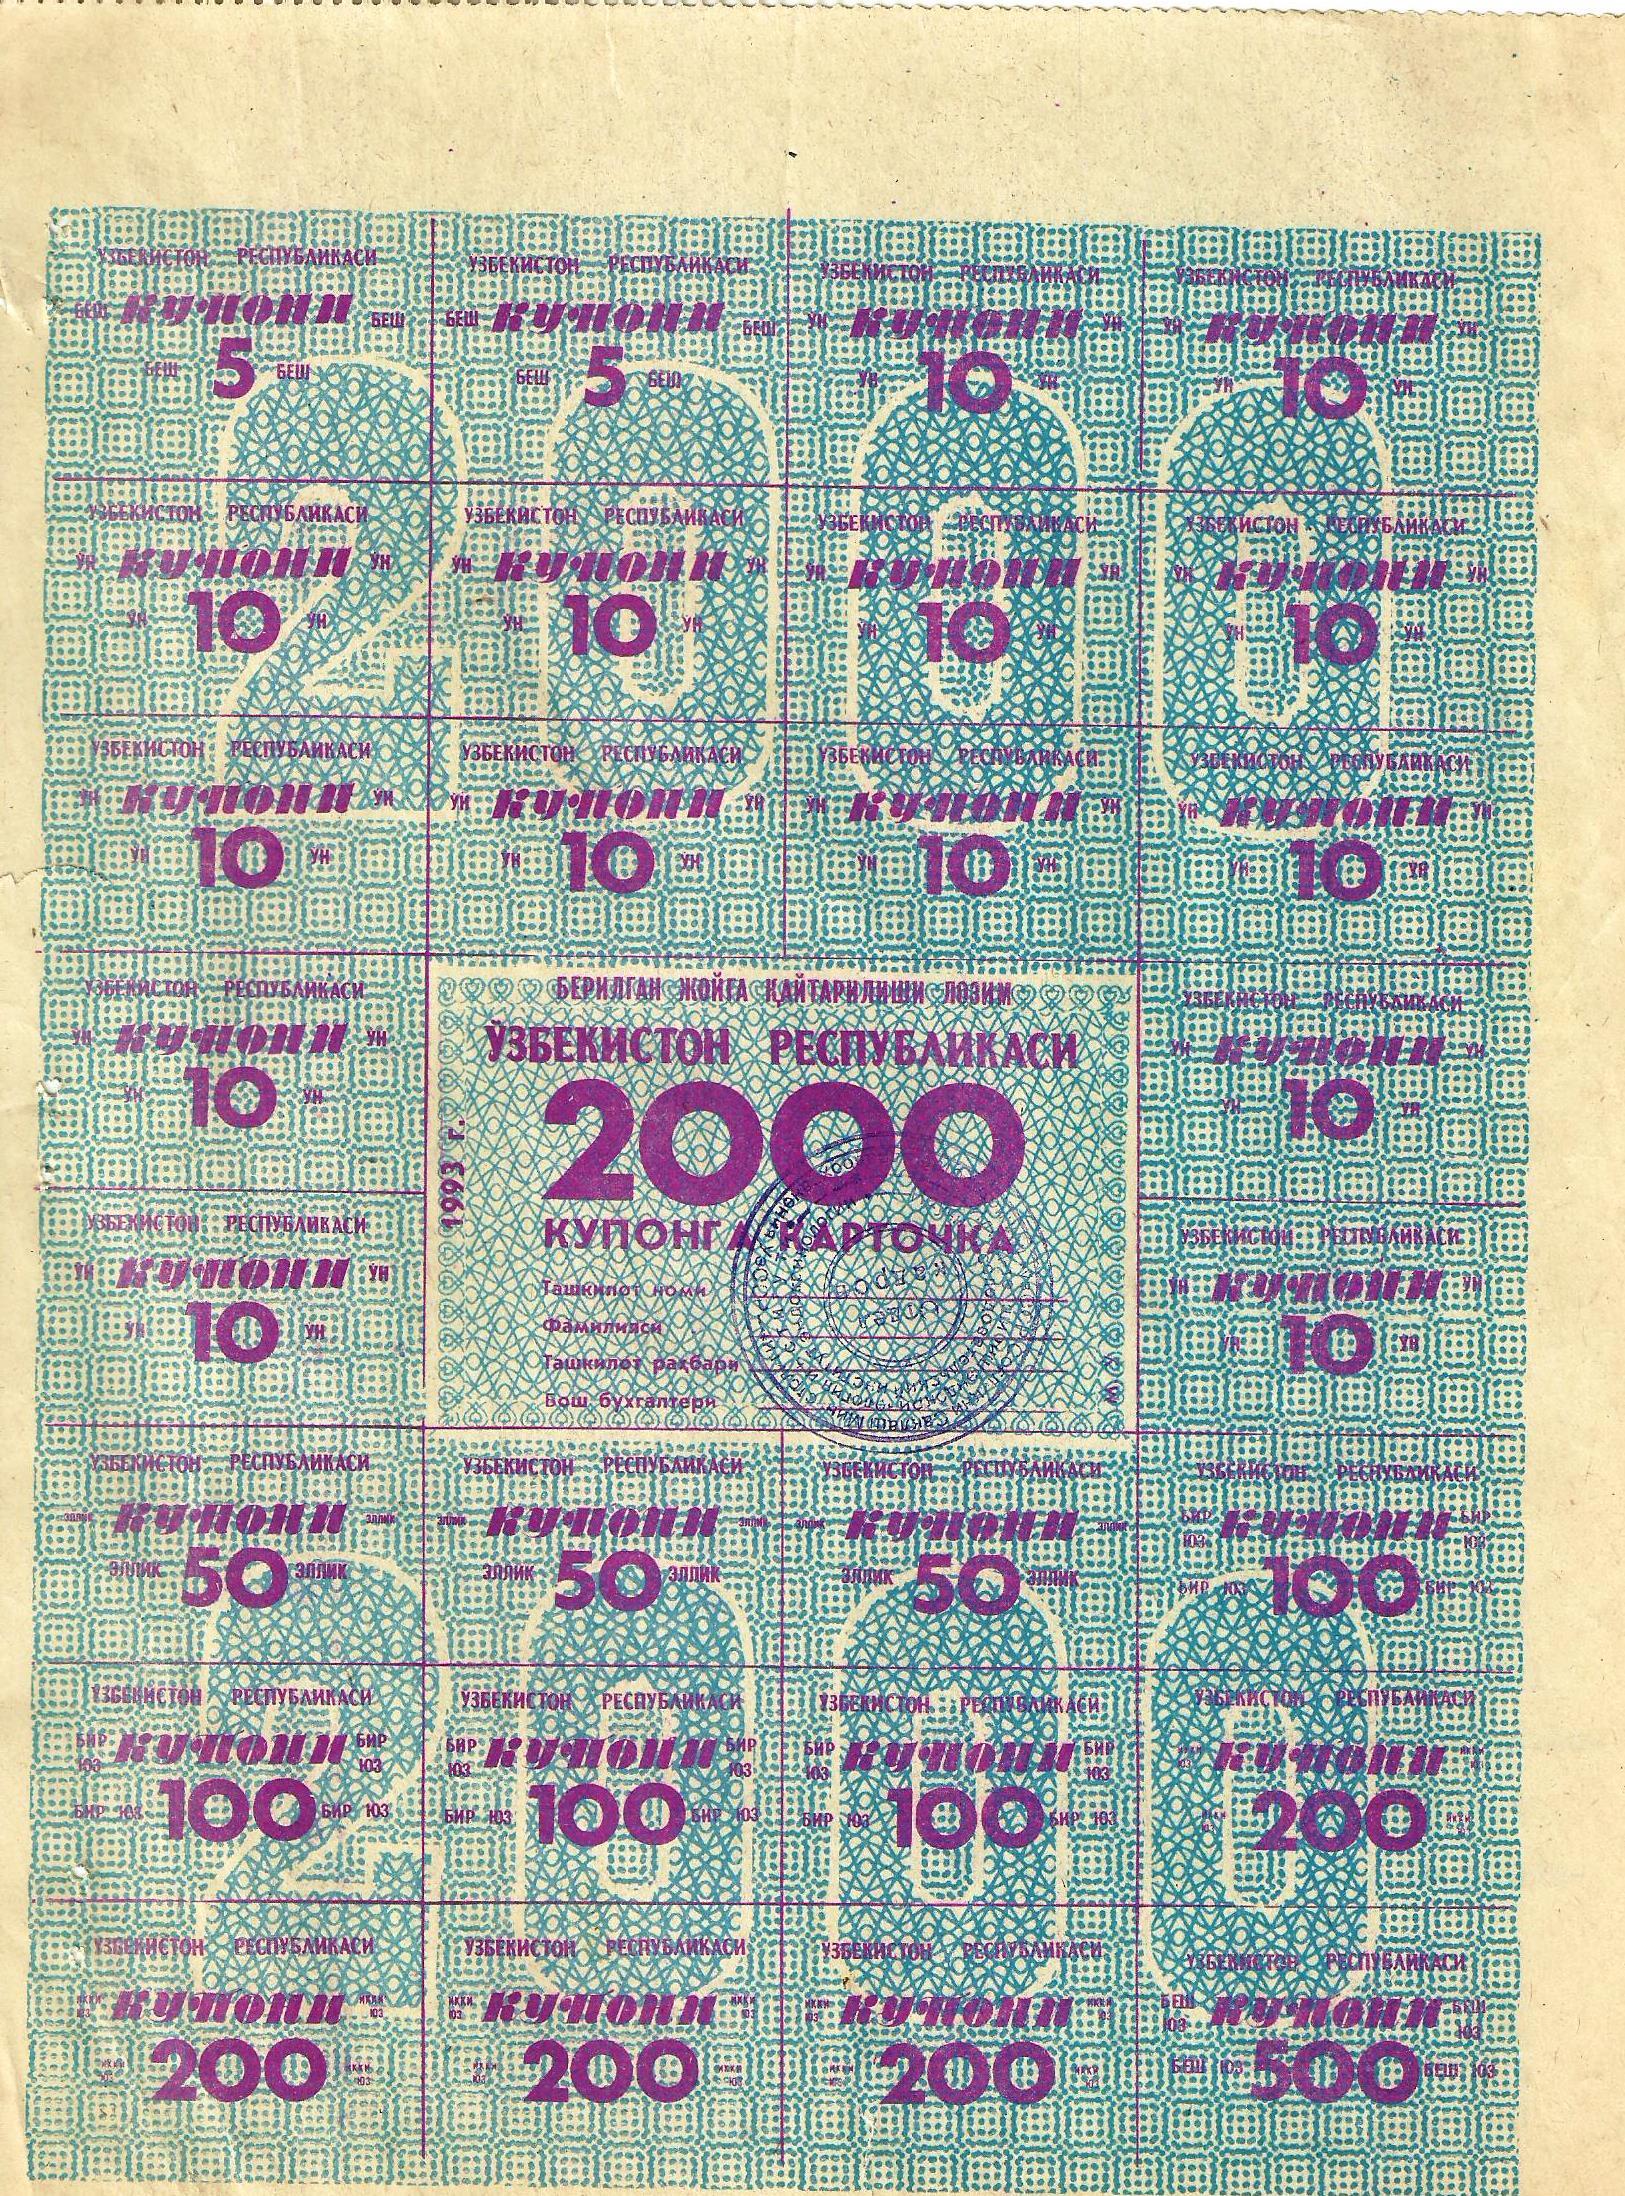 2000 001.jpg